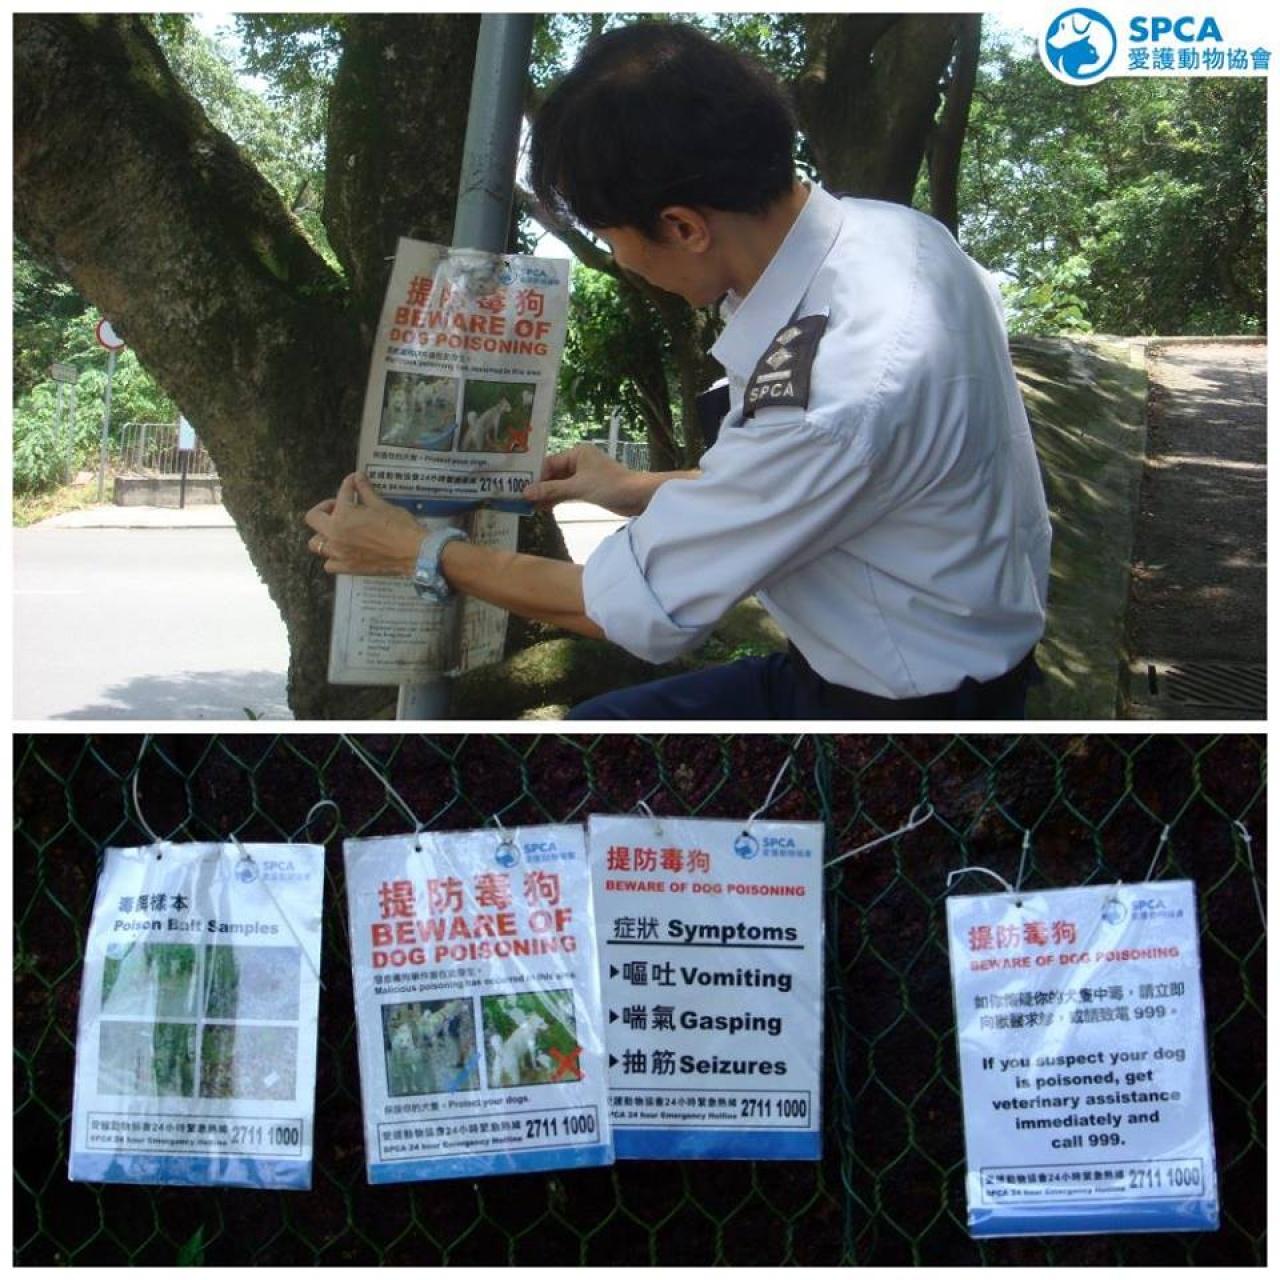 愛協人員在寶雲道一帶張貼告示,提醒狗主保護愛犬。(愛協圖片)